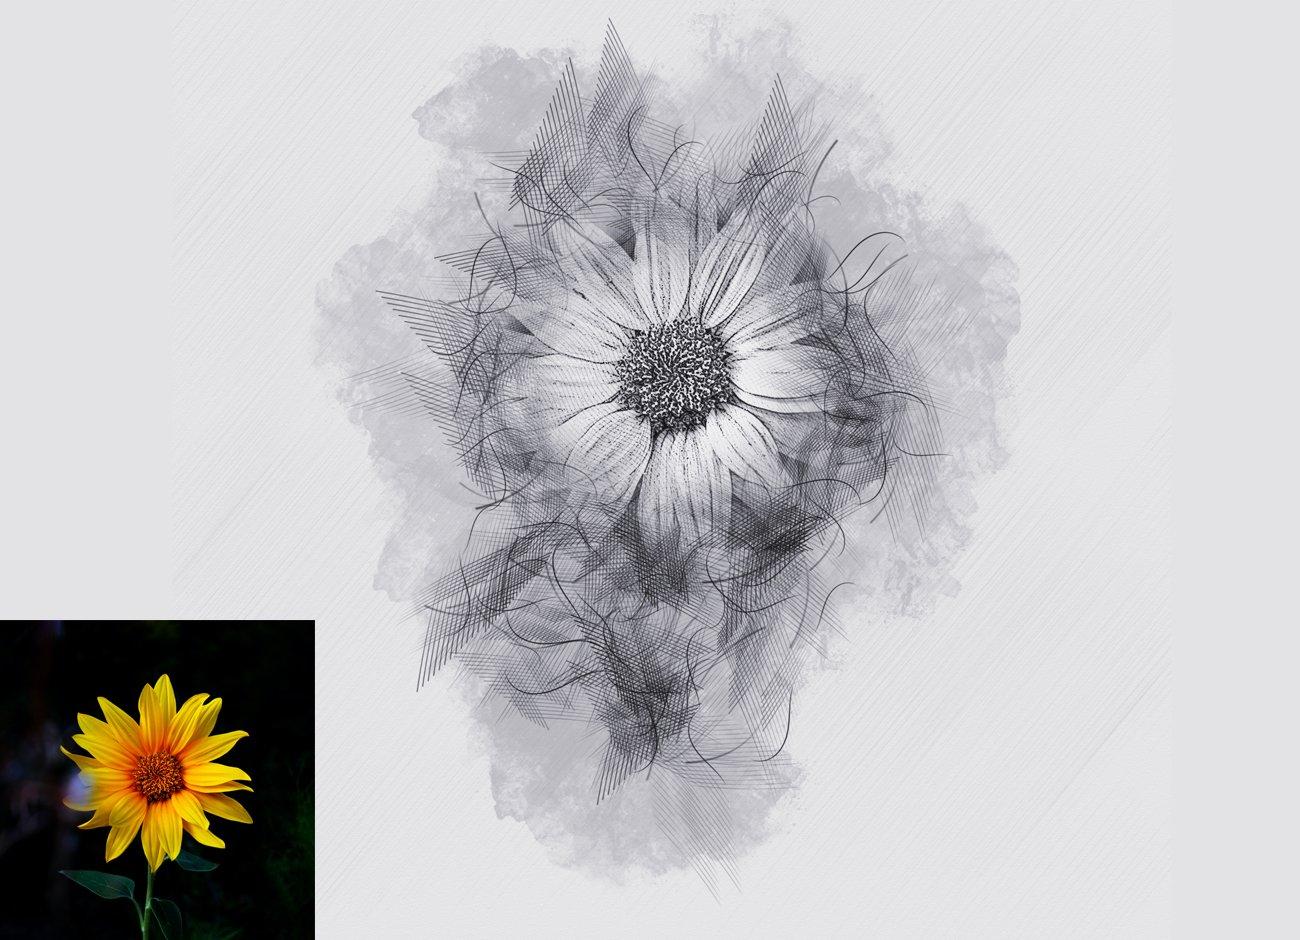 铅笔手绘素描效果照片处理特效PS动作模板 Hand Drawing Sketch Photoshop Action插图12